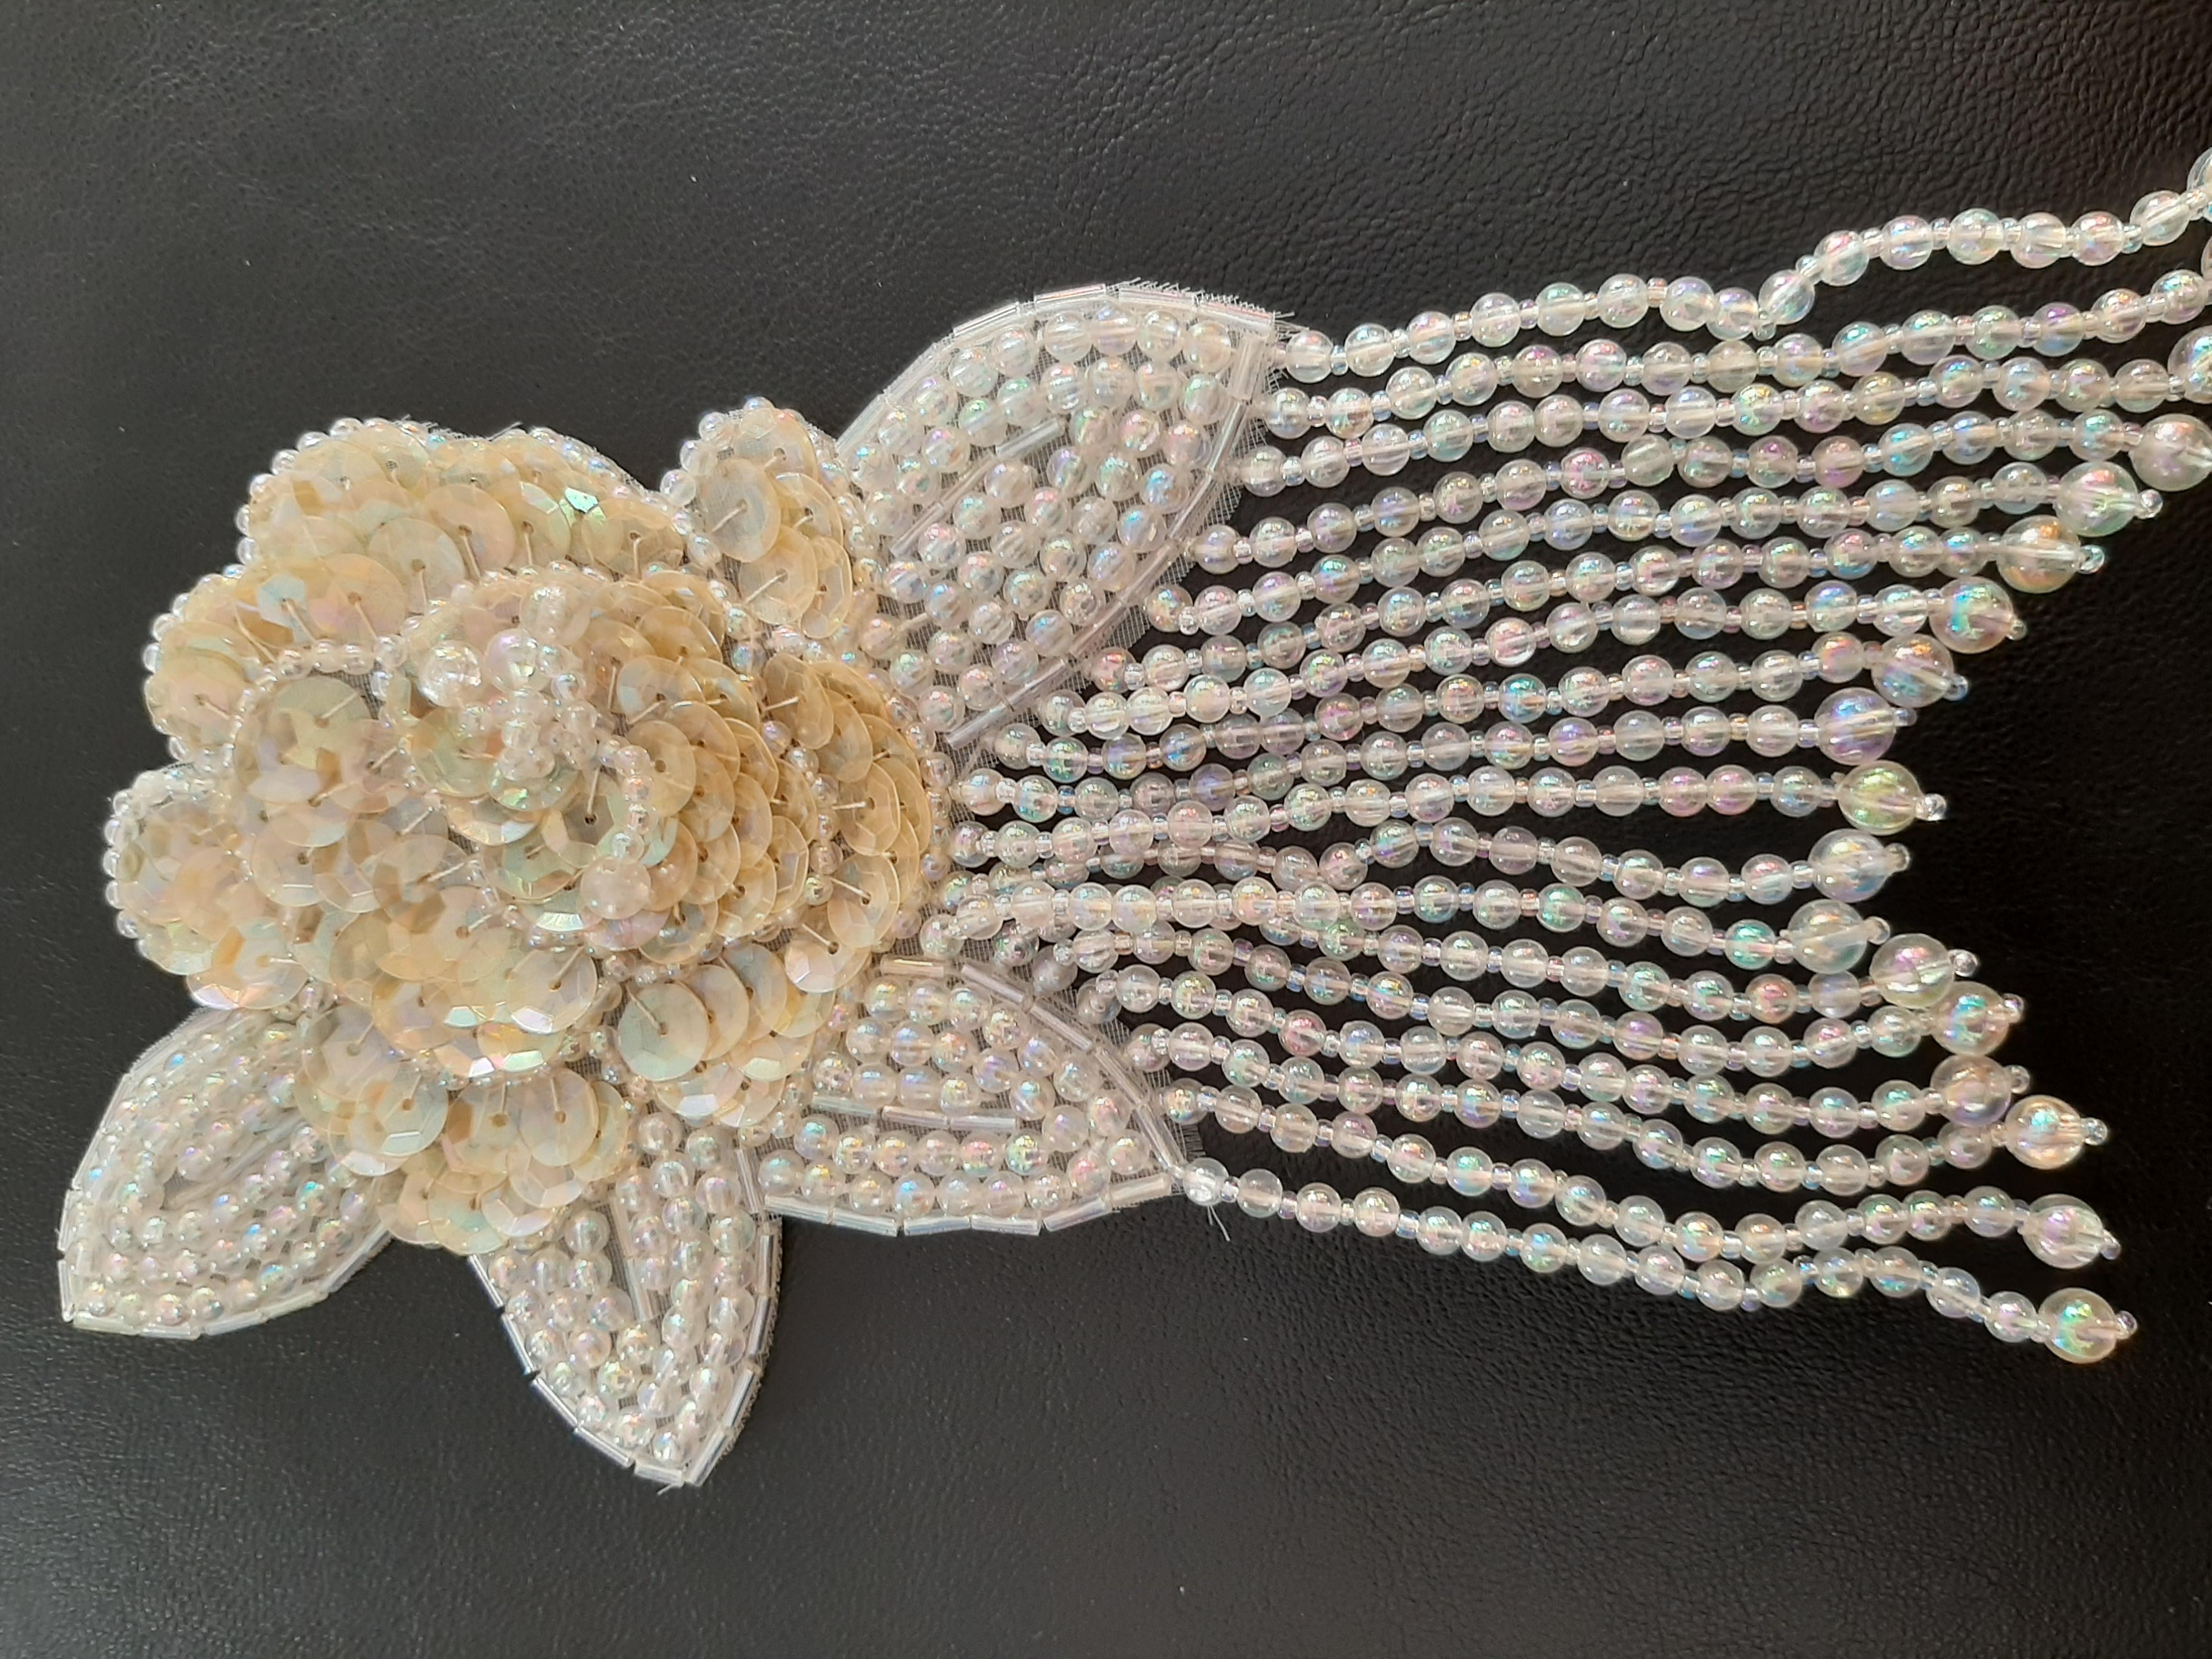 Applikation  mit  schillernde Perlen  und gelbliche  Pailletten